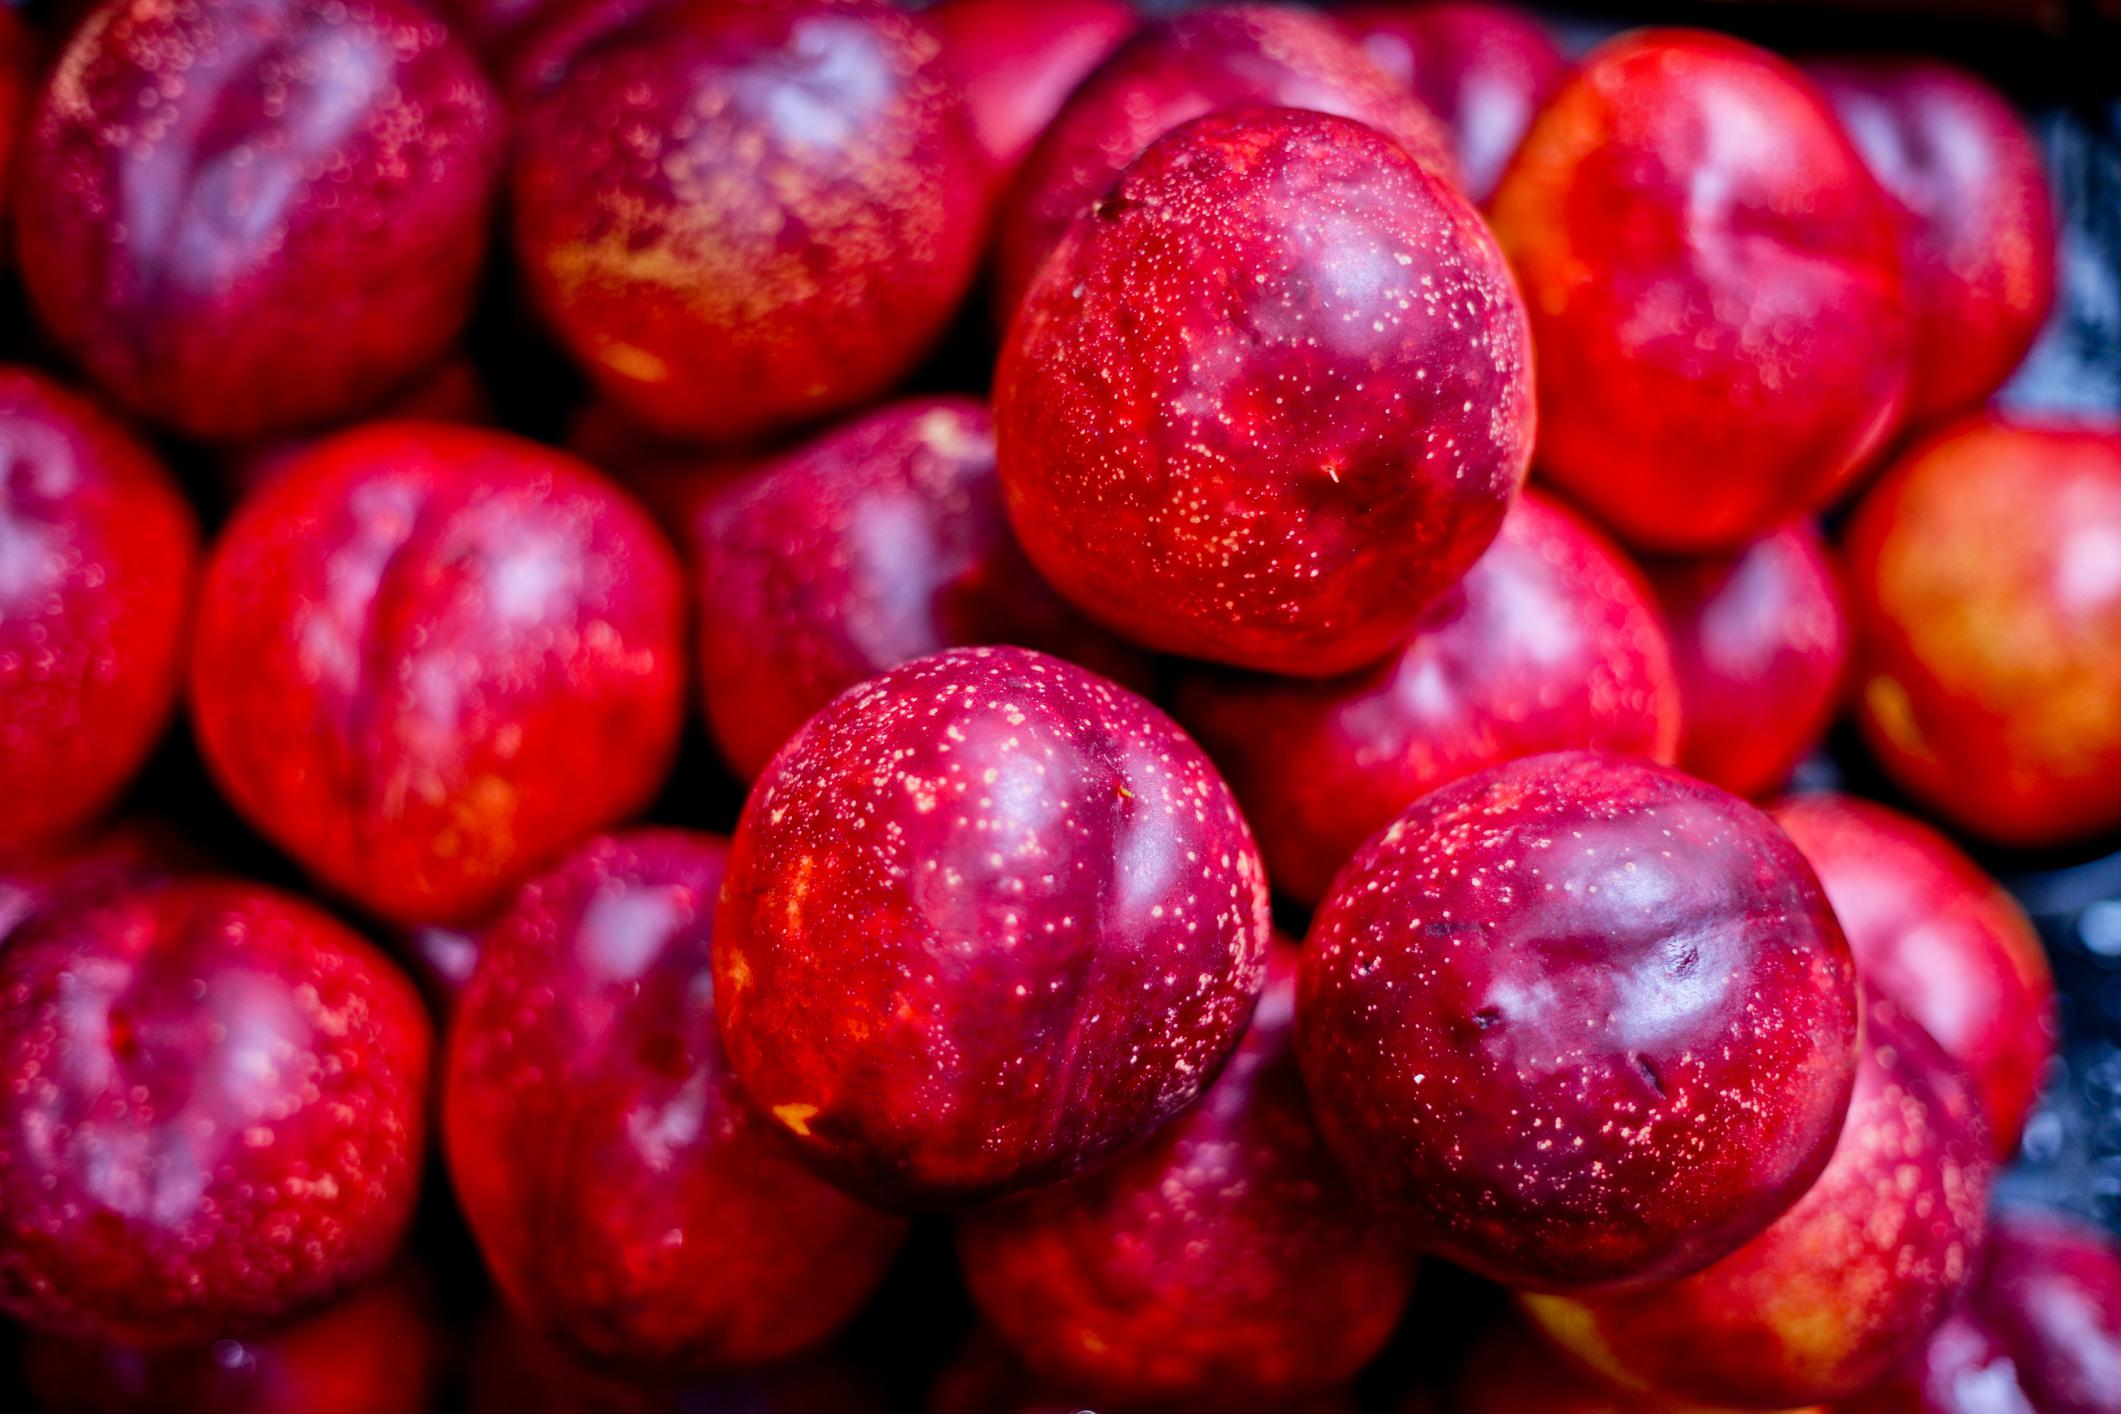 Нектарин: описание лучших сортов и рекомендации по выращиванию